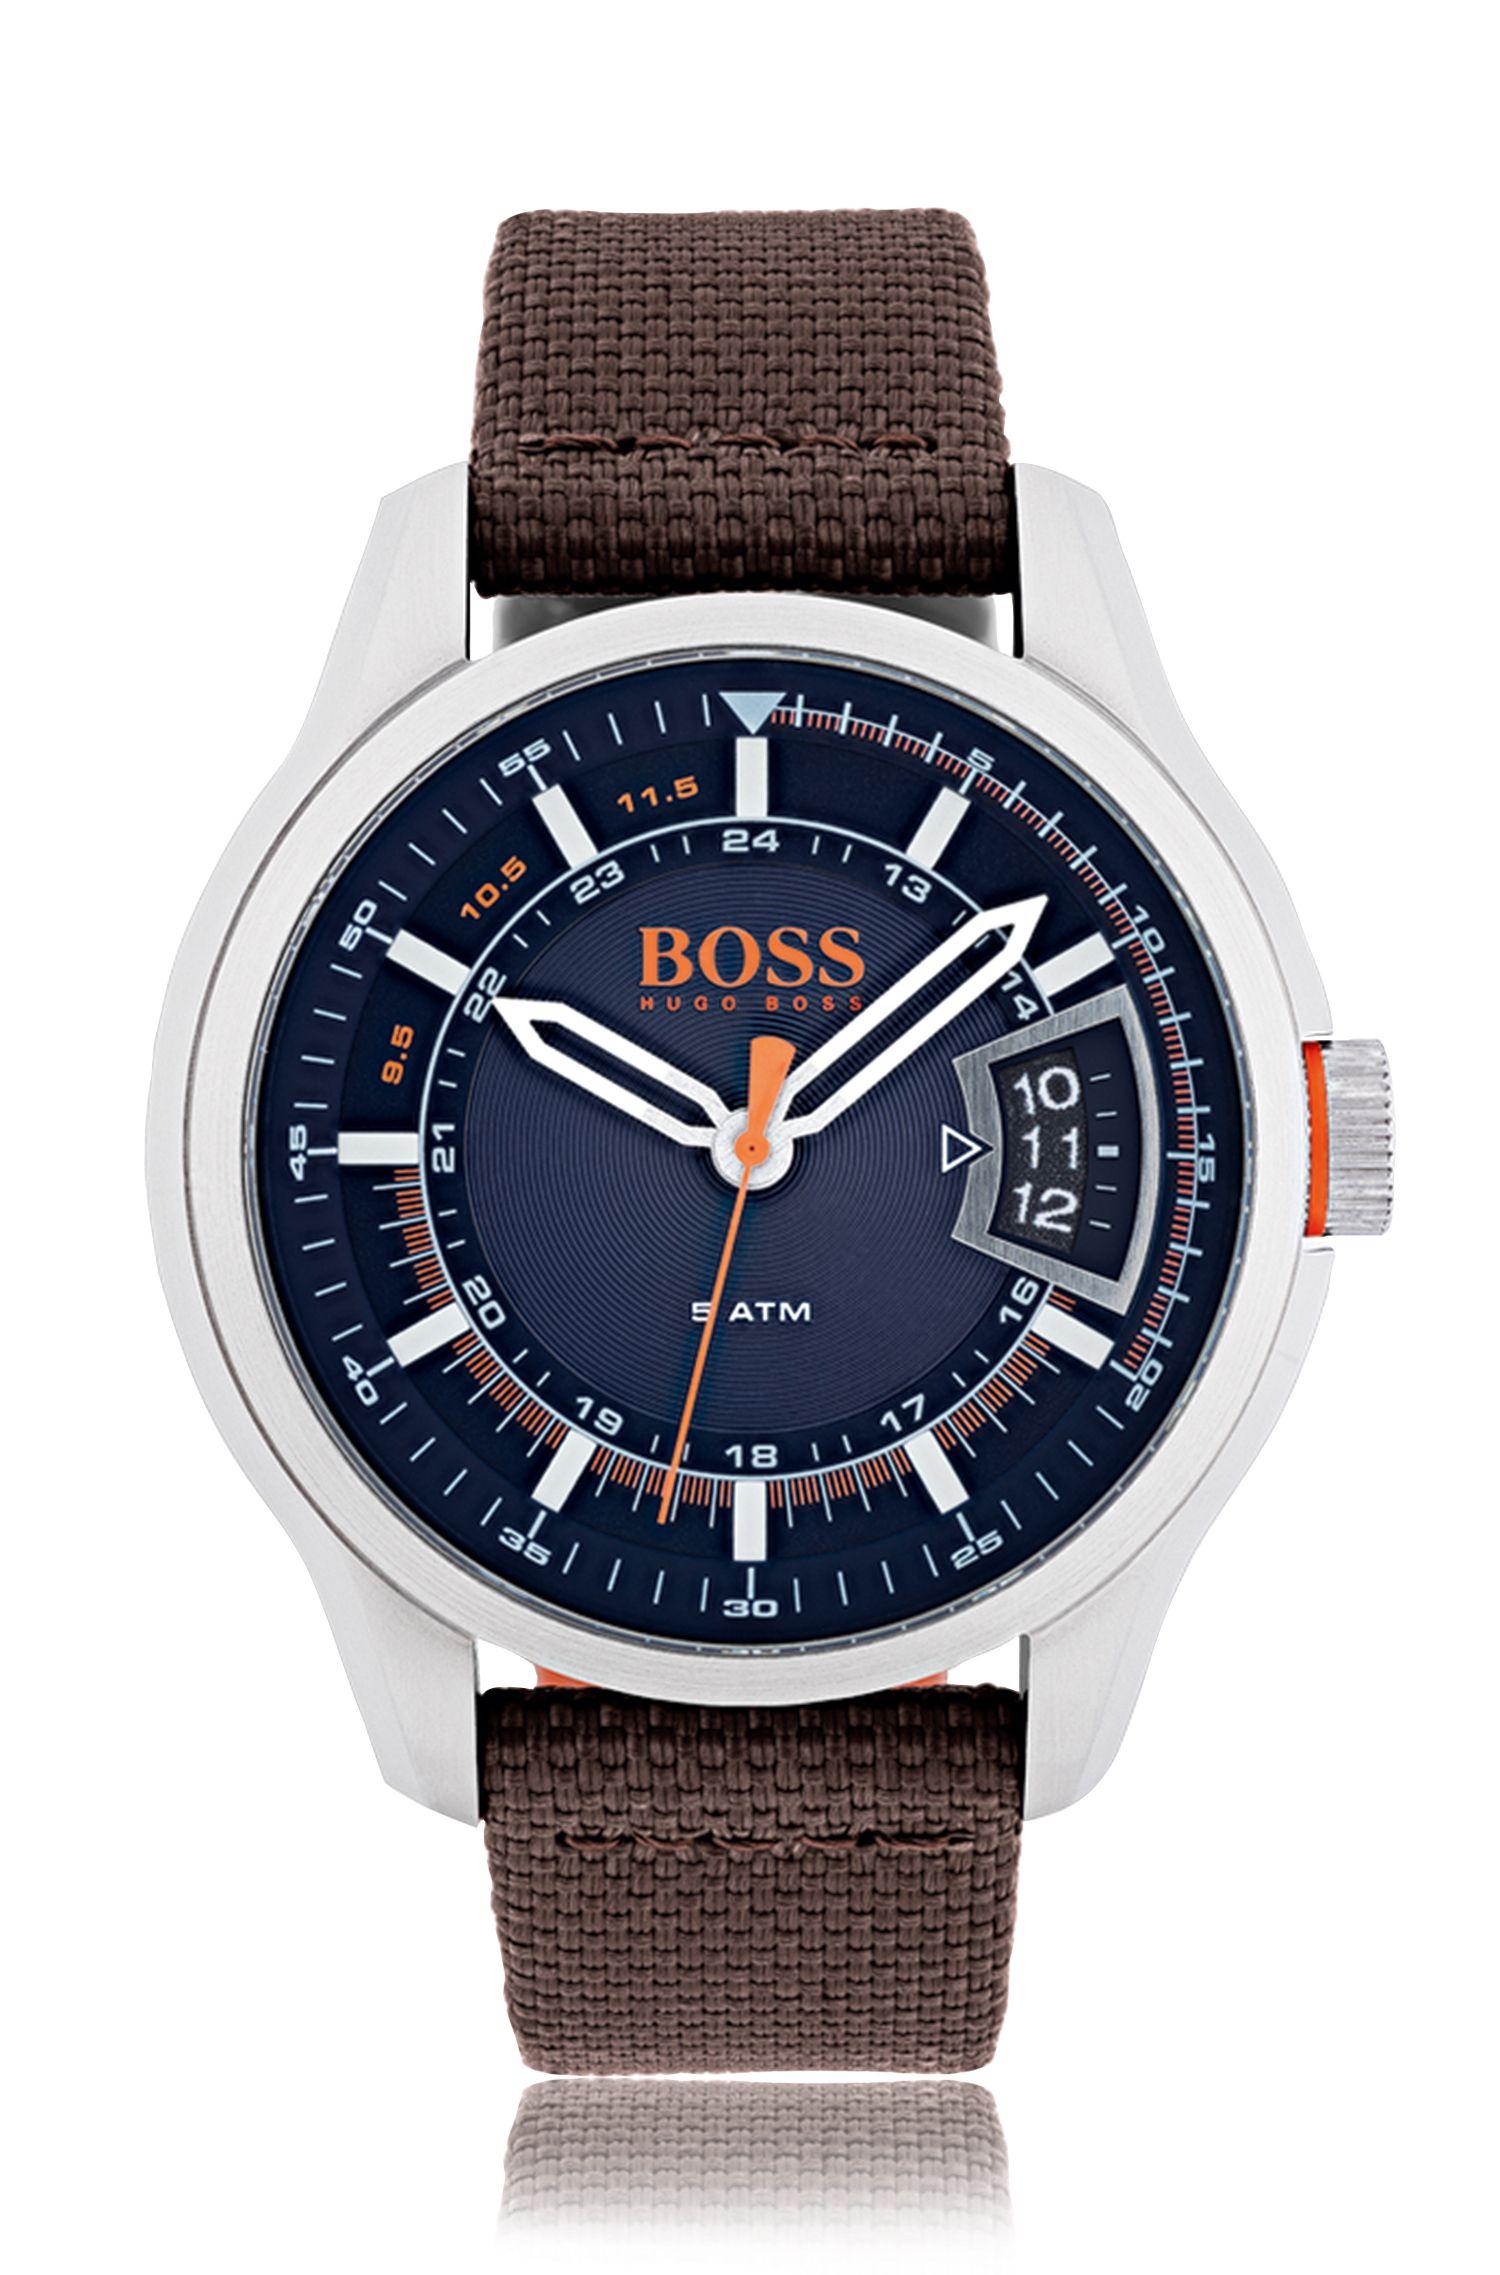 Reloj de acero inoxidable cepillado con esfera azul y pulsera de tela marrón